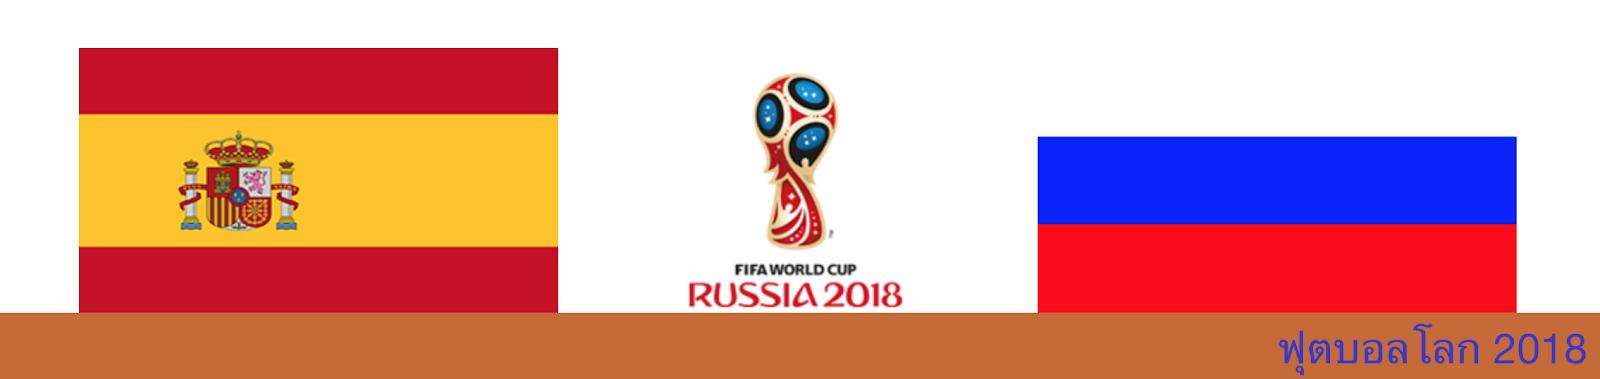 ดูบอลสด วิเคราะห์บอล ฟุตบอลโลก ระหว่าง สเปน vs รัสเซีย